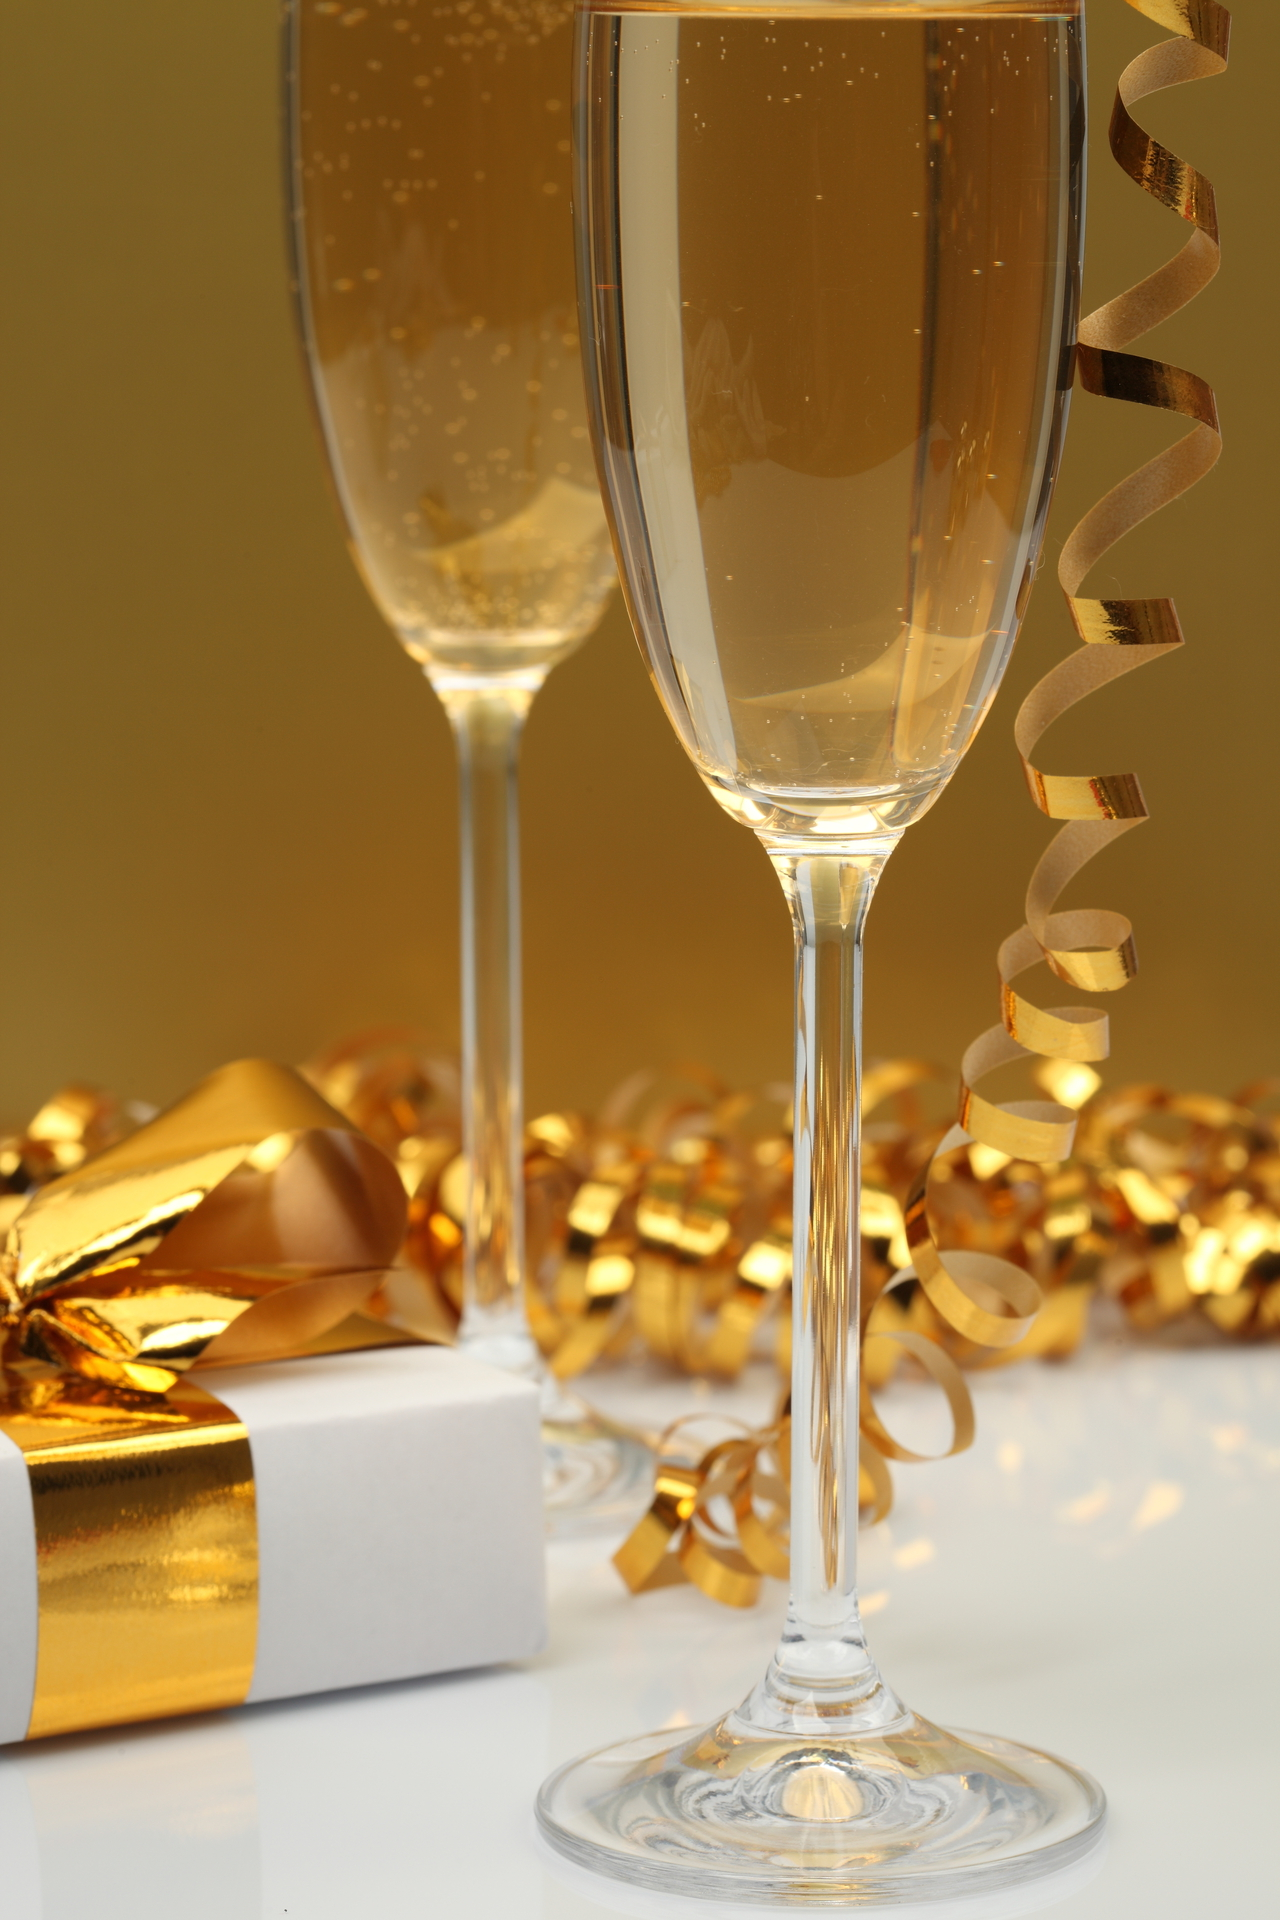 14029 скачать обои Праздники, Еда, Новый Год (New Year), Рождество (Christmas, Xmas), Вино, Напитки - заставки и картинки бесплатно